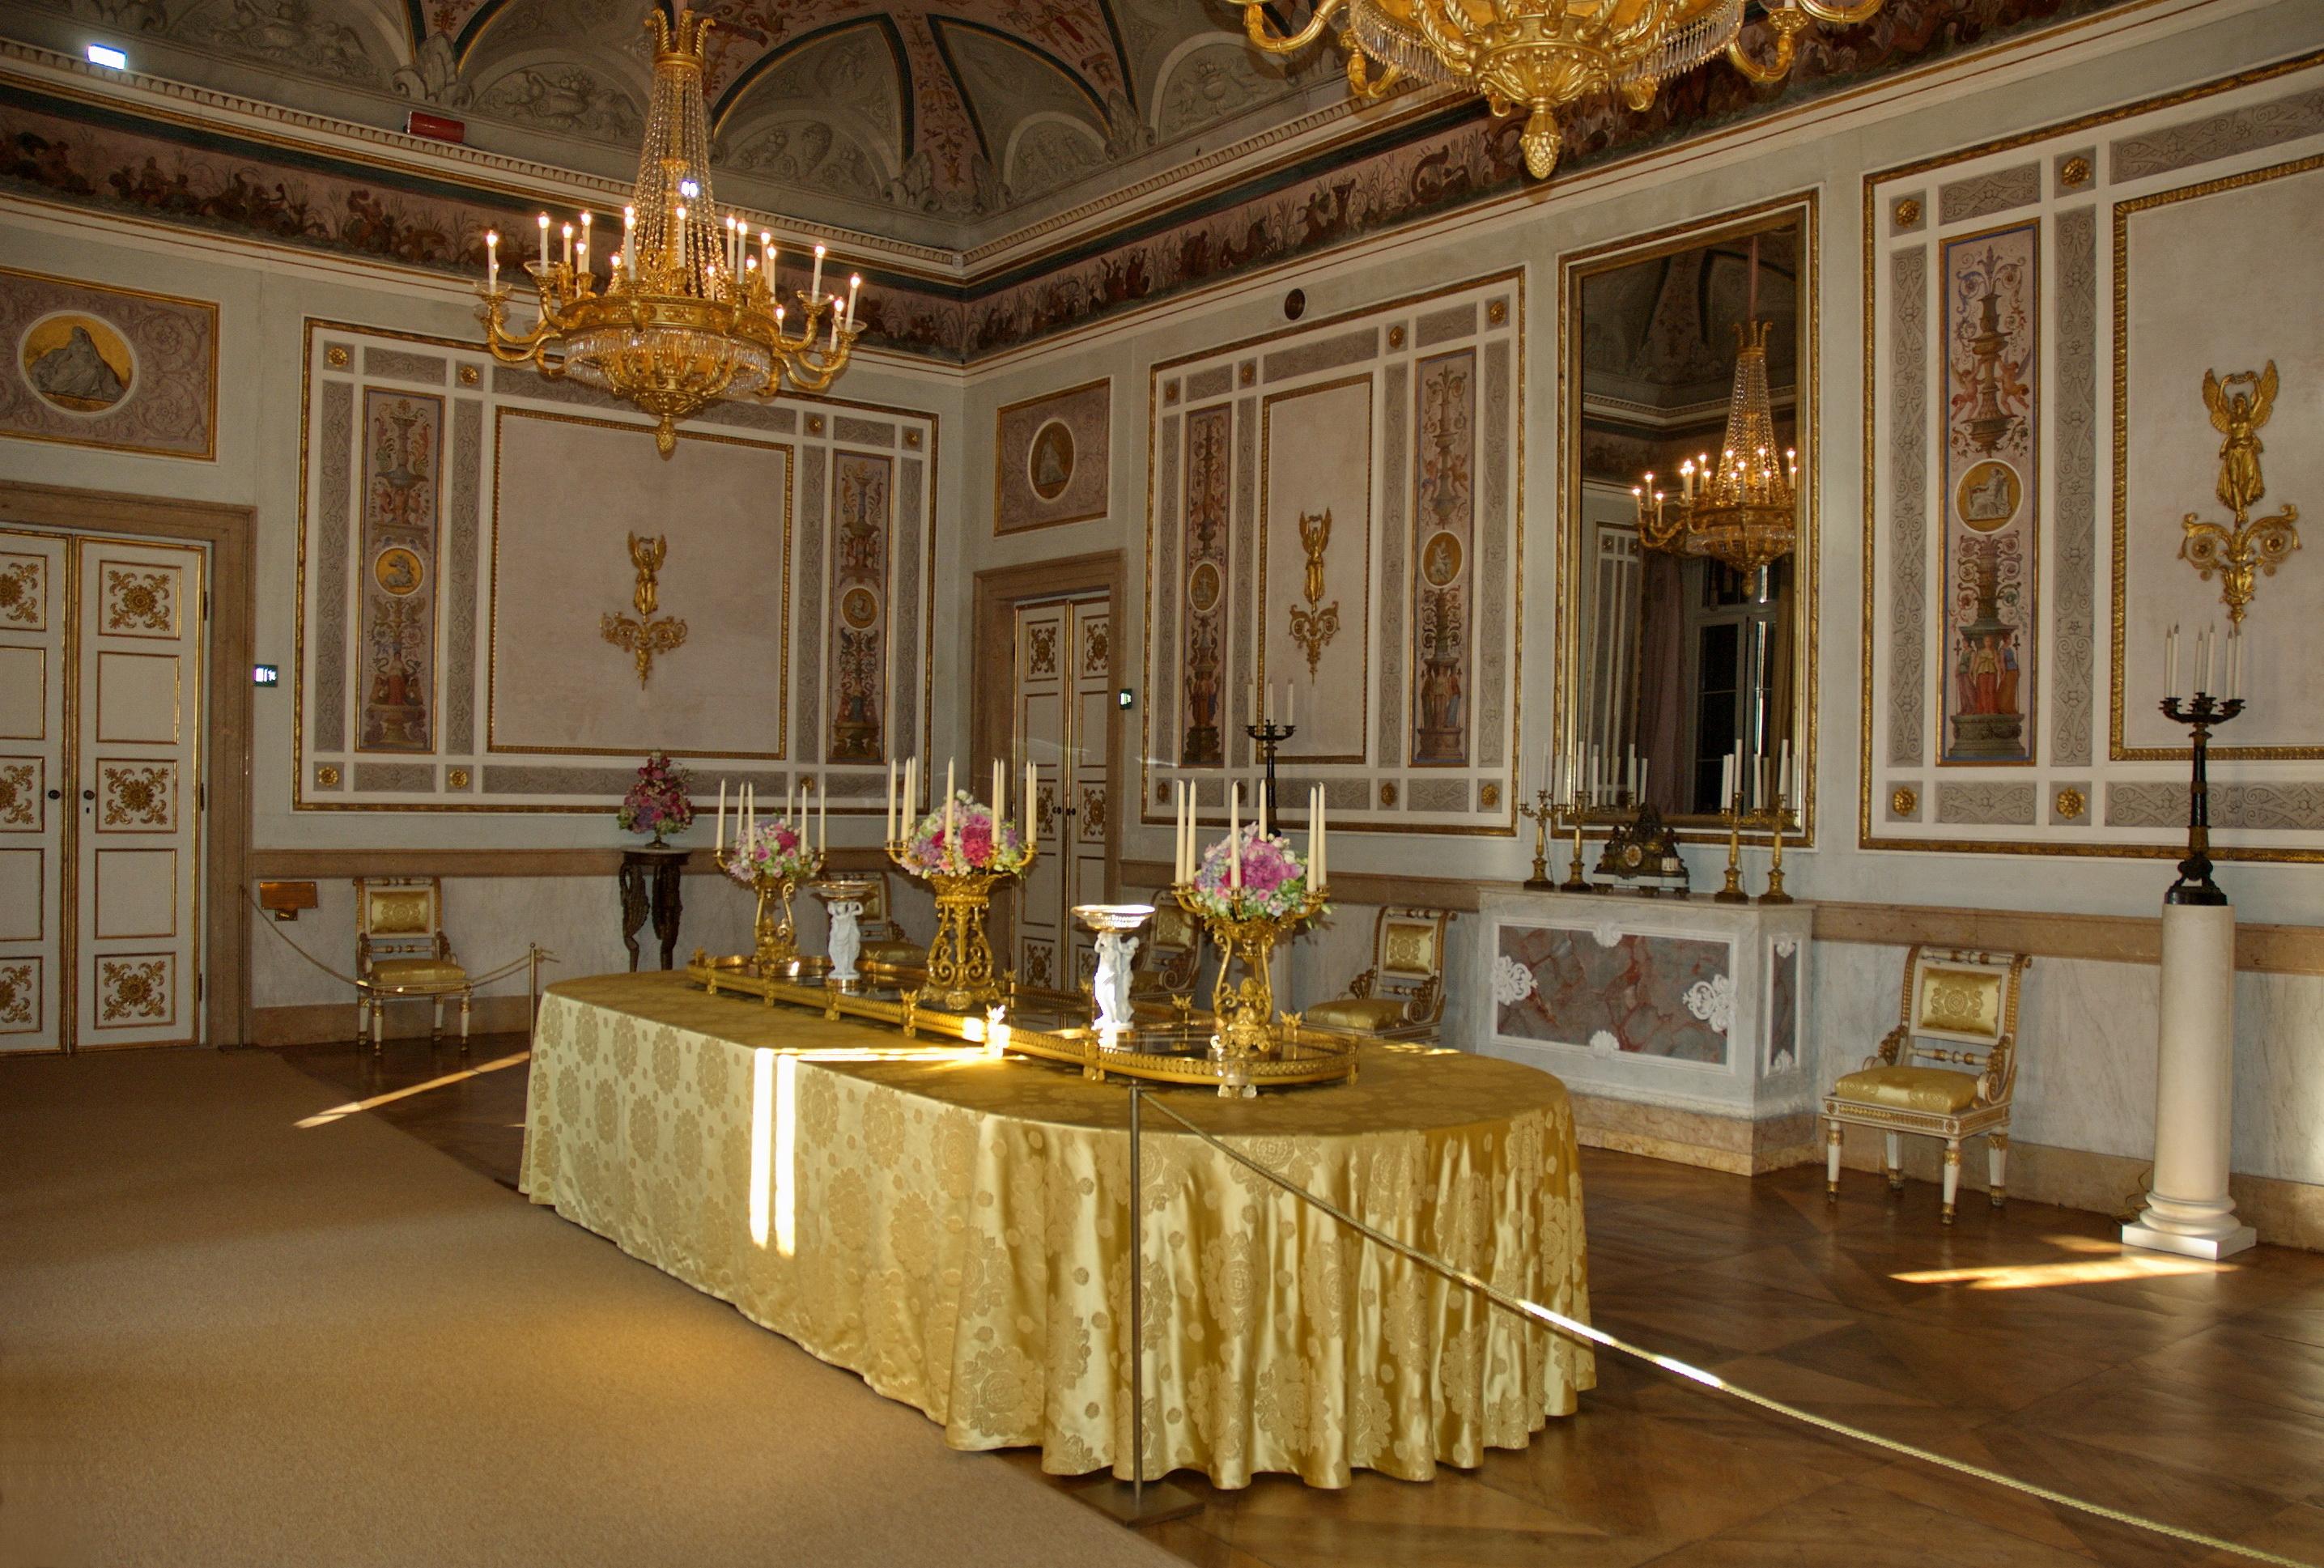 Le stanze di sissi a palazzo reale venezia notizie - Stanze da pranzo ...